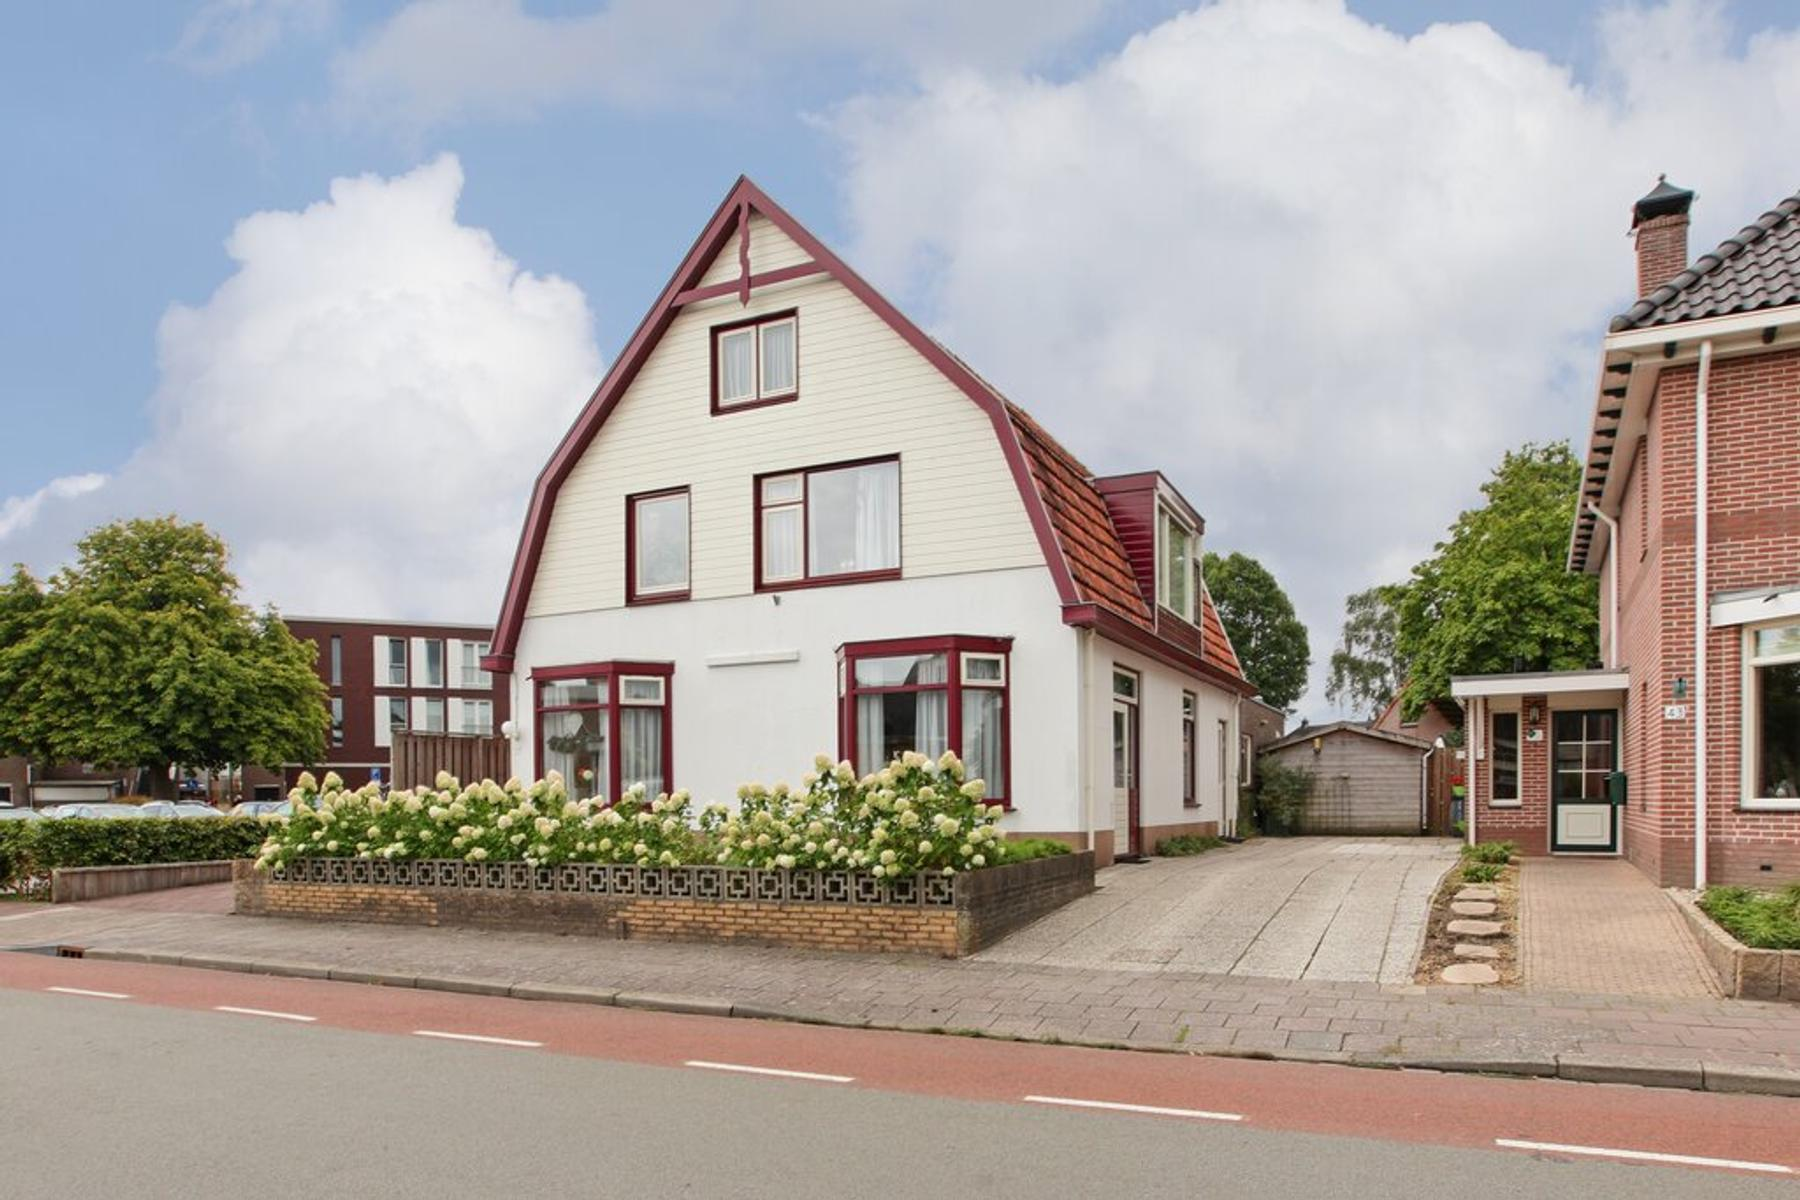 Dokter Holtropstraat 37 in Ermelo 3851 JG